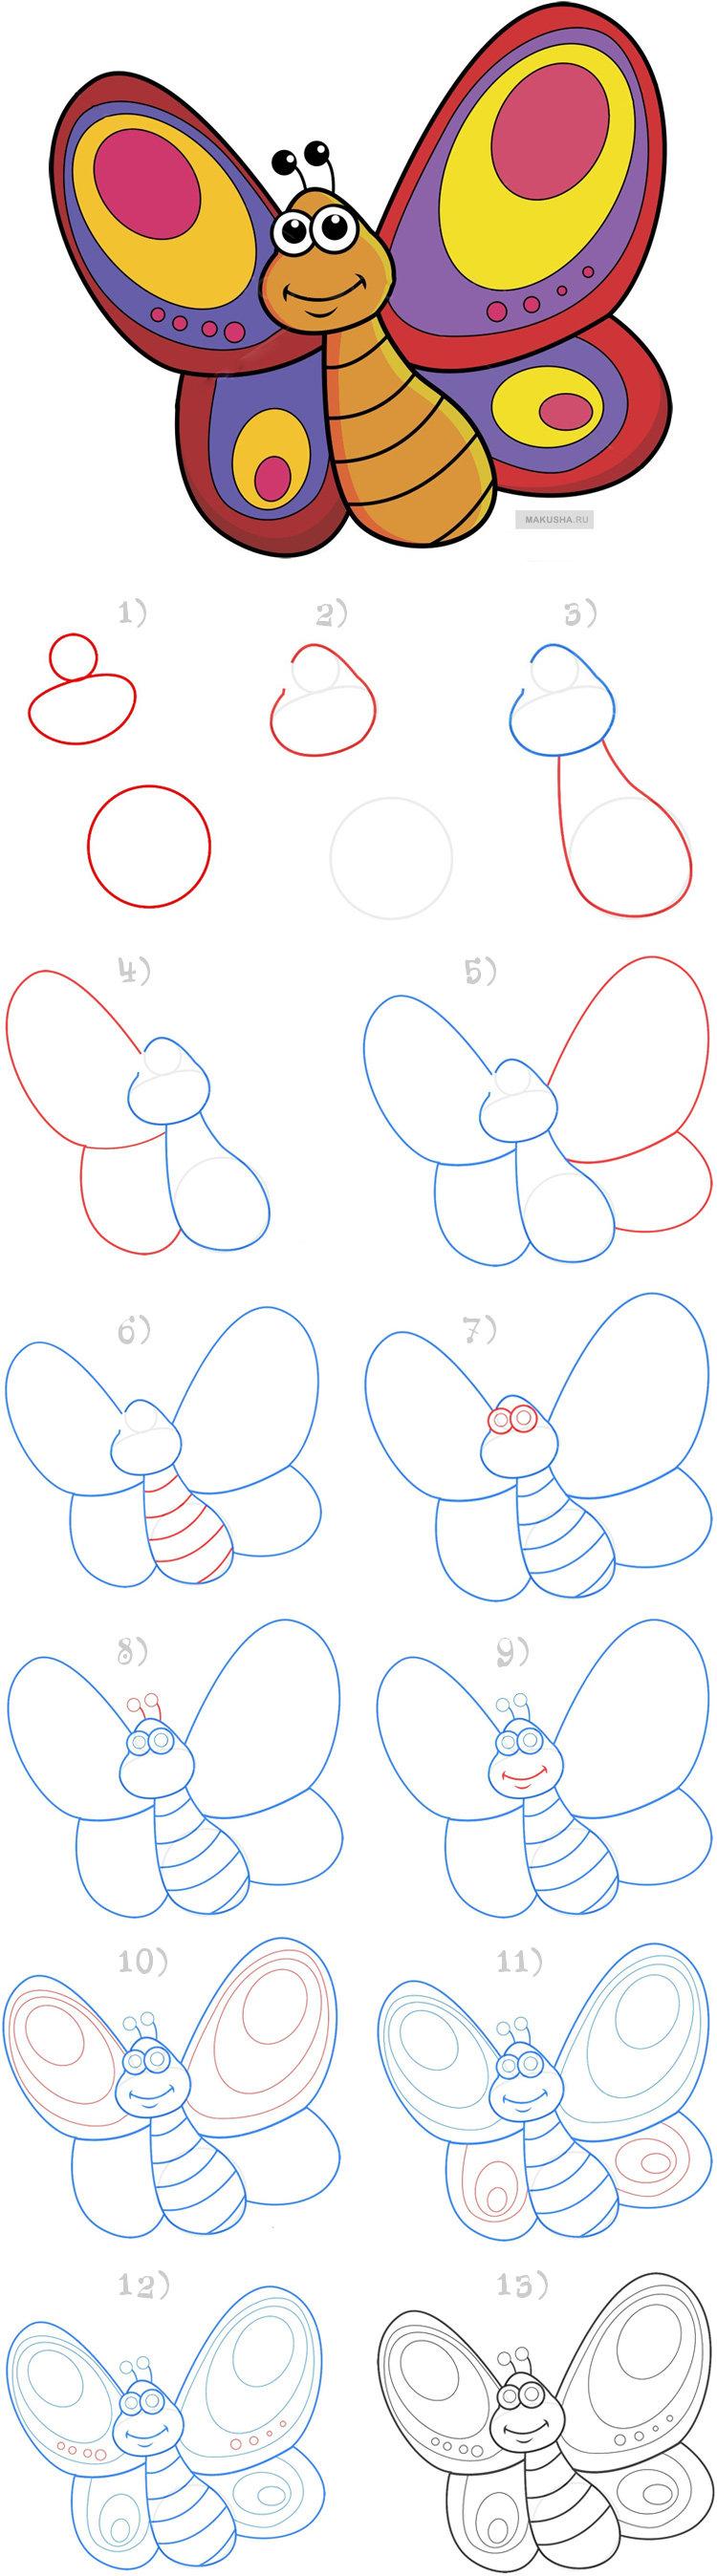 Рисунки карандашом бабочки поэтапно